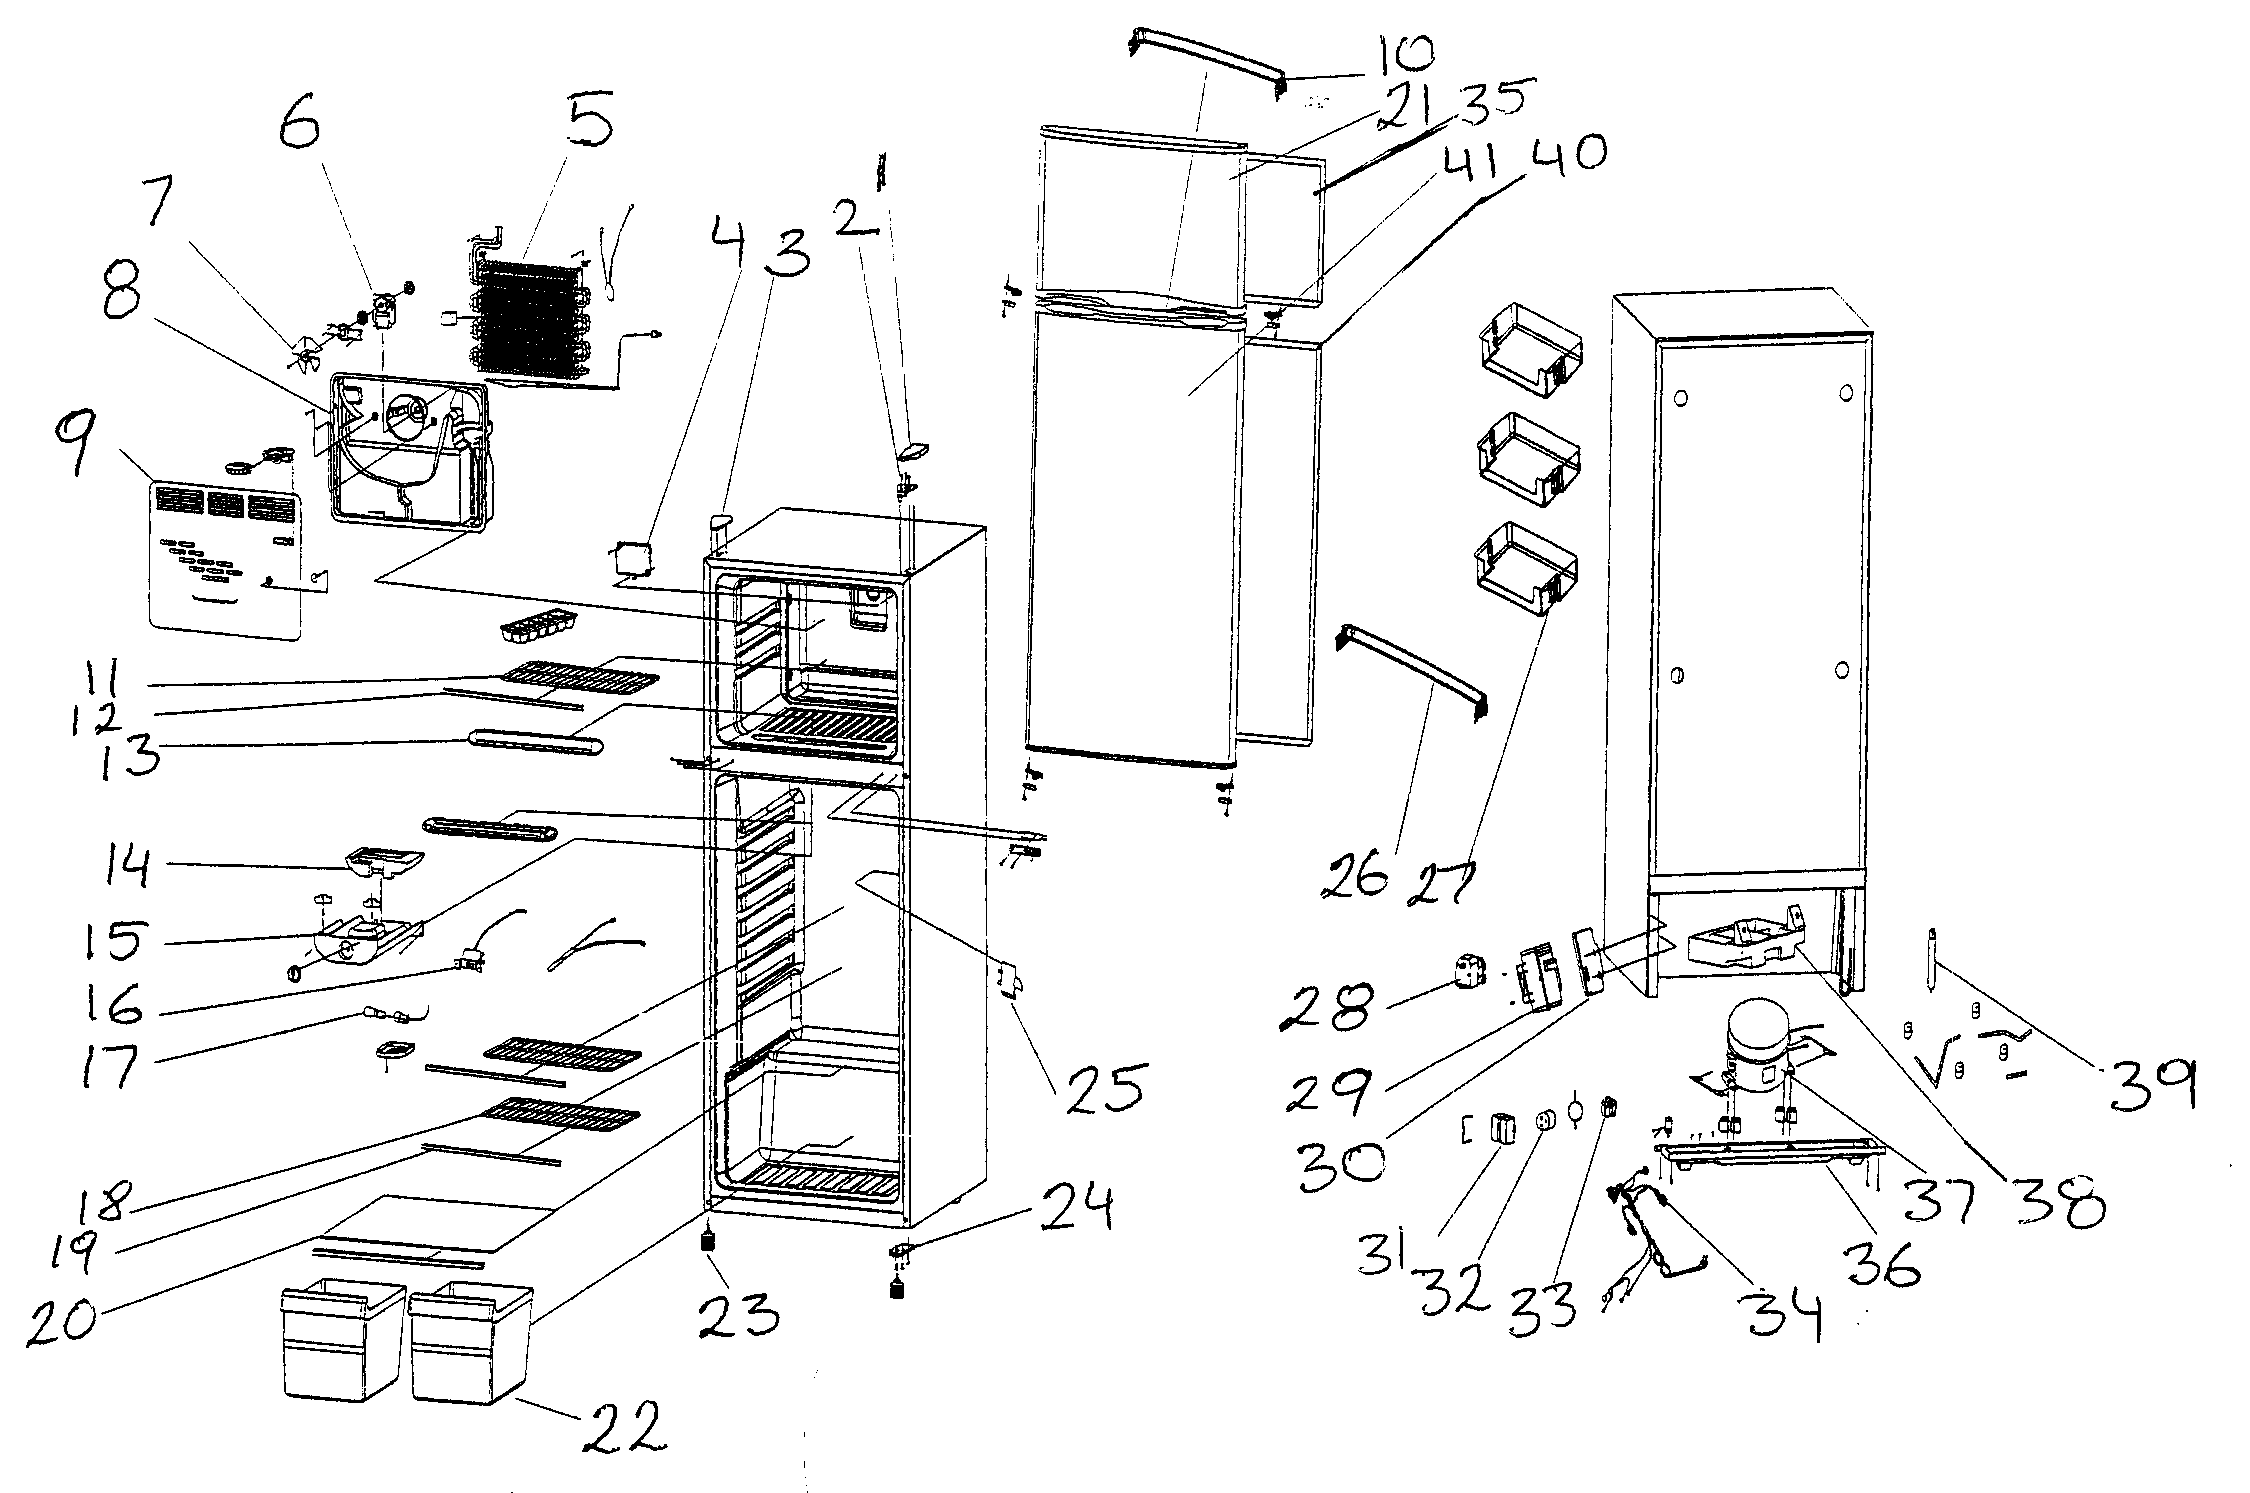 refrigerator diagram parts list for model mcbr1020w magic chef rh pinterest com samsung refrigerator parts diagram jenn air refrigerator parts diagram